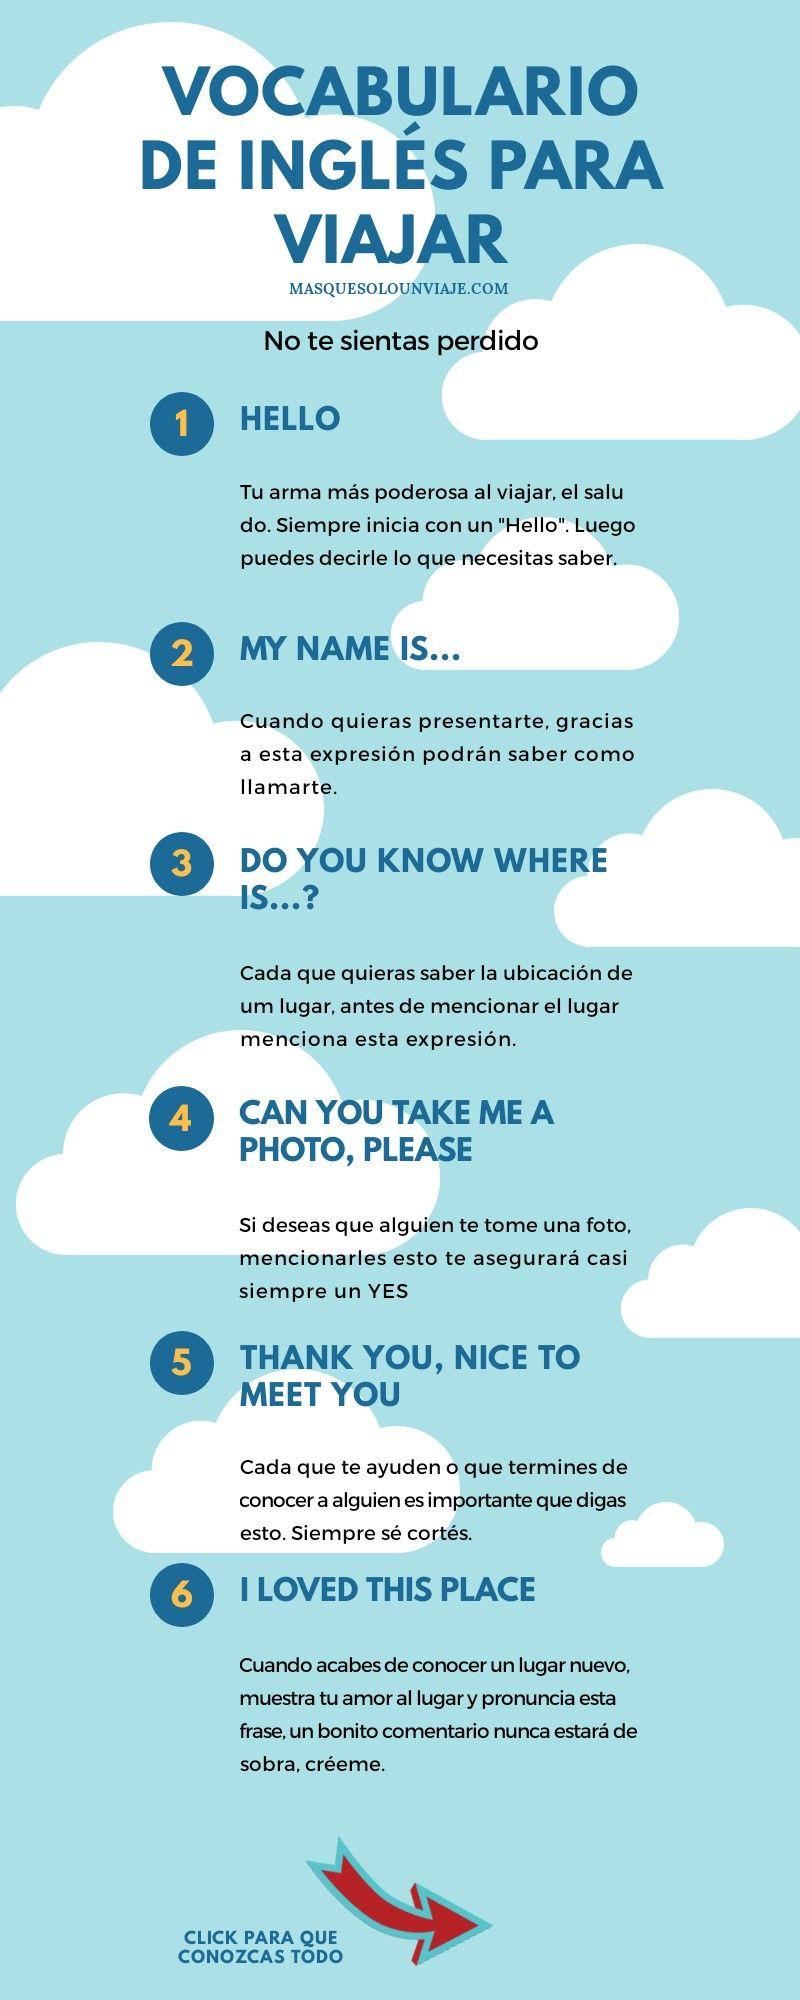 Vocabulario De Inglés Para Viajar Ingles Para Viajar Vocabulario En Ingles Ingles